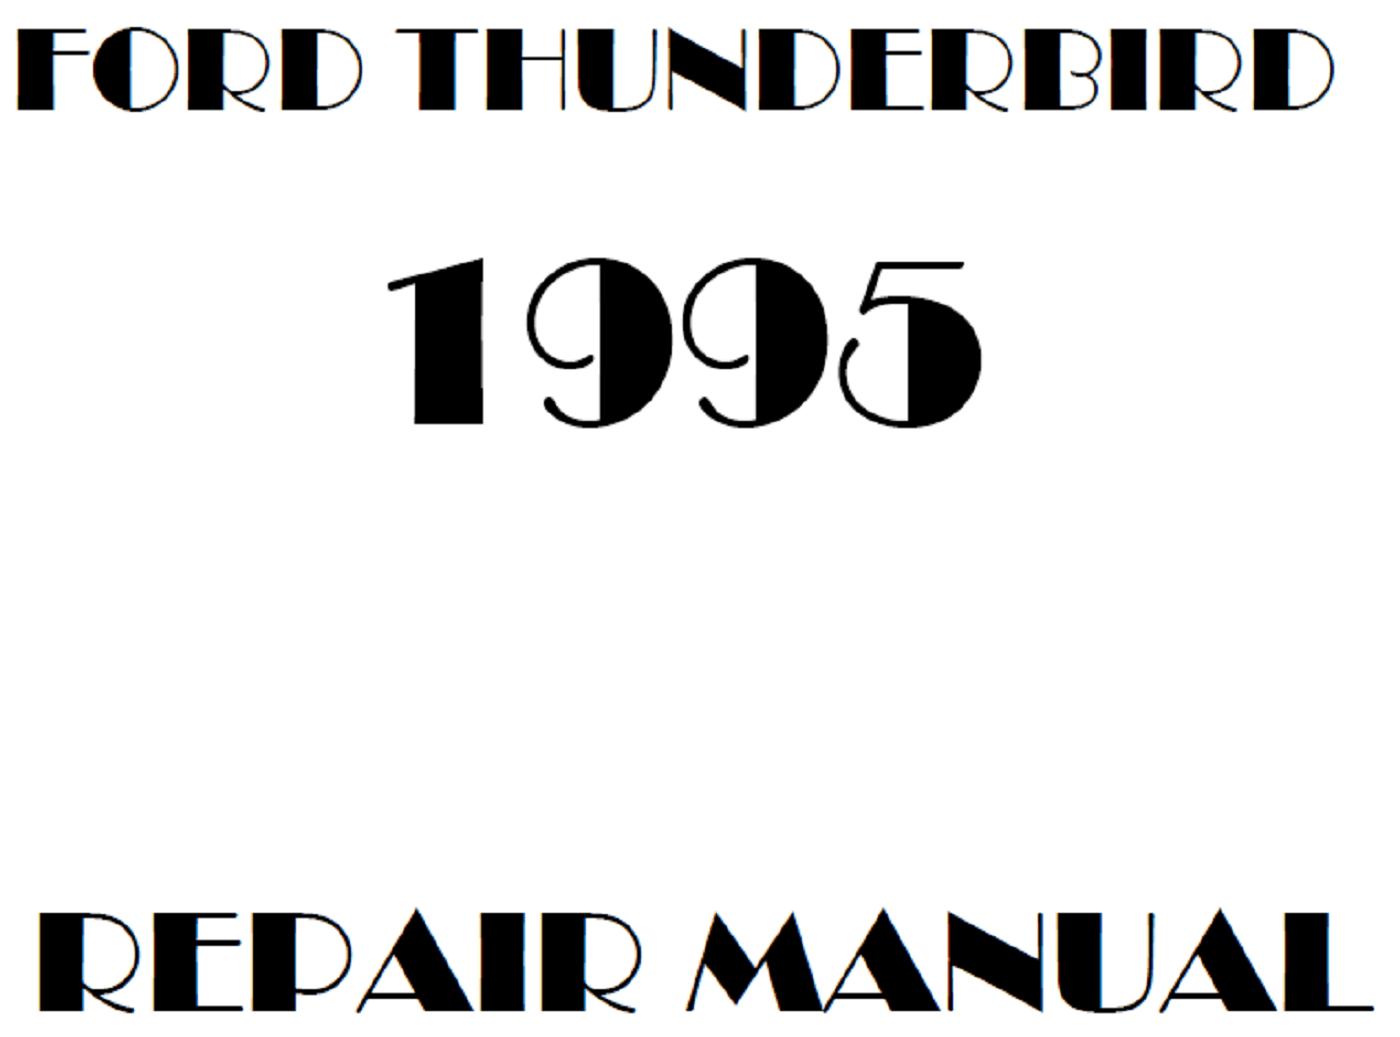 1995 Ford Thunderbird repair manual